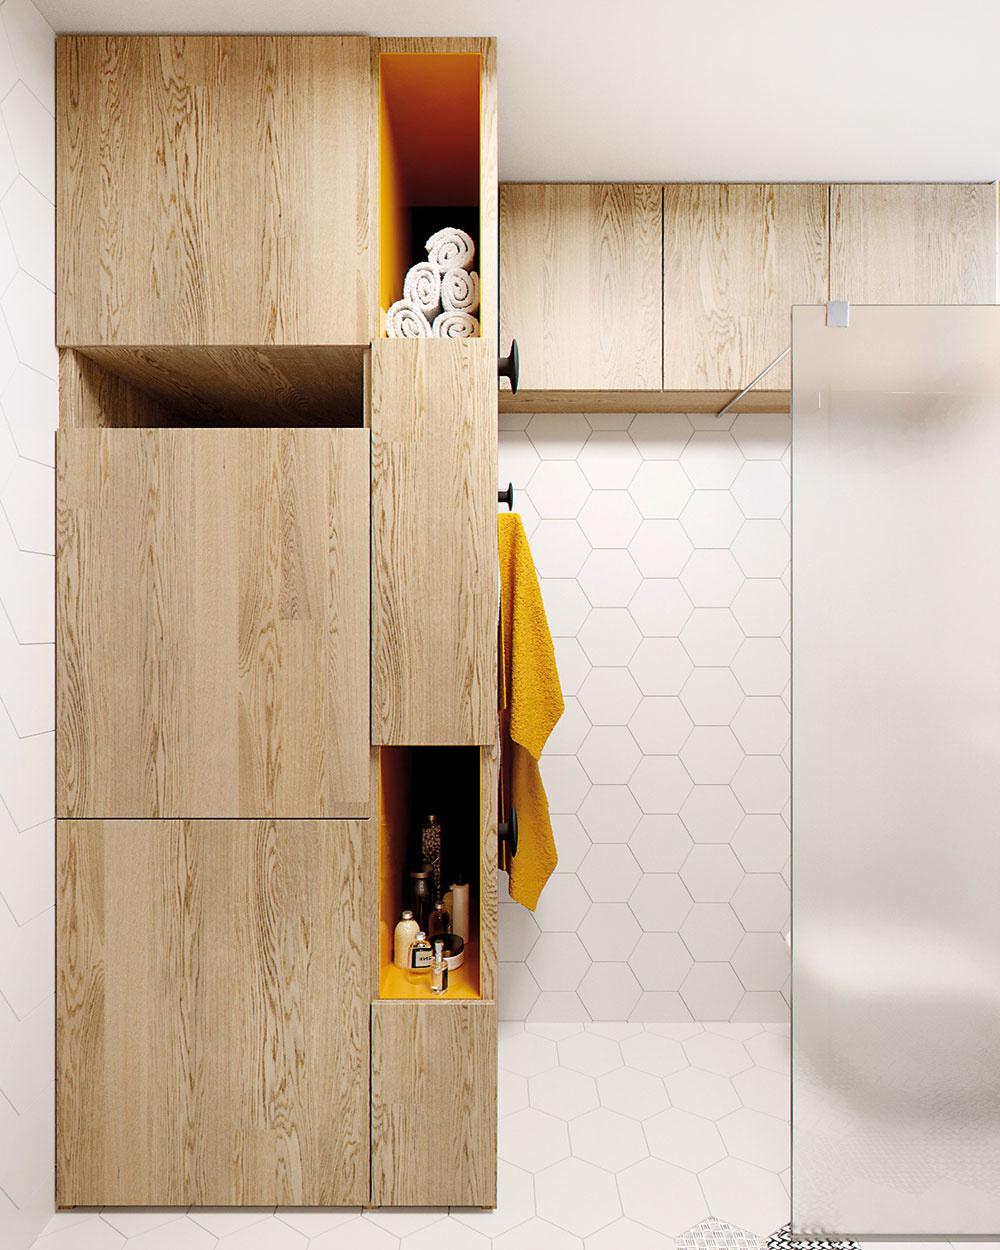 Eleganciu drevenej nábytkovej zostavy rozbíja žlté vnútro obložené lakobelom. Spolu s vešiačikmi a žltou vodoodolnou farbou nad dverami tvoria pestrý a humorný akcent.